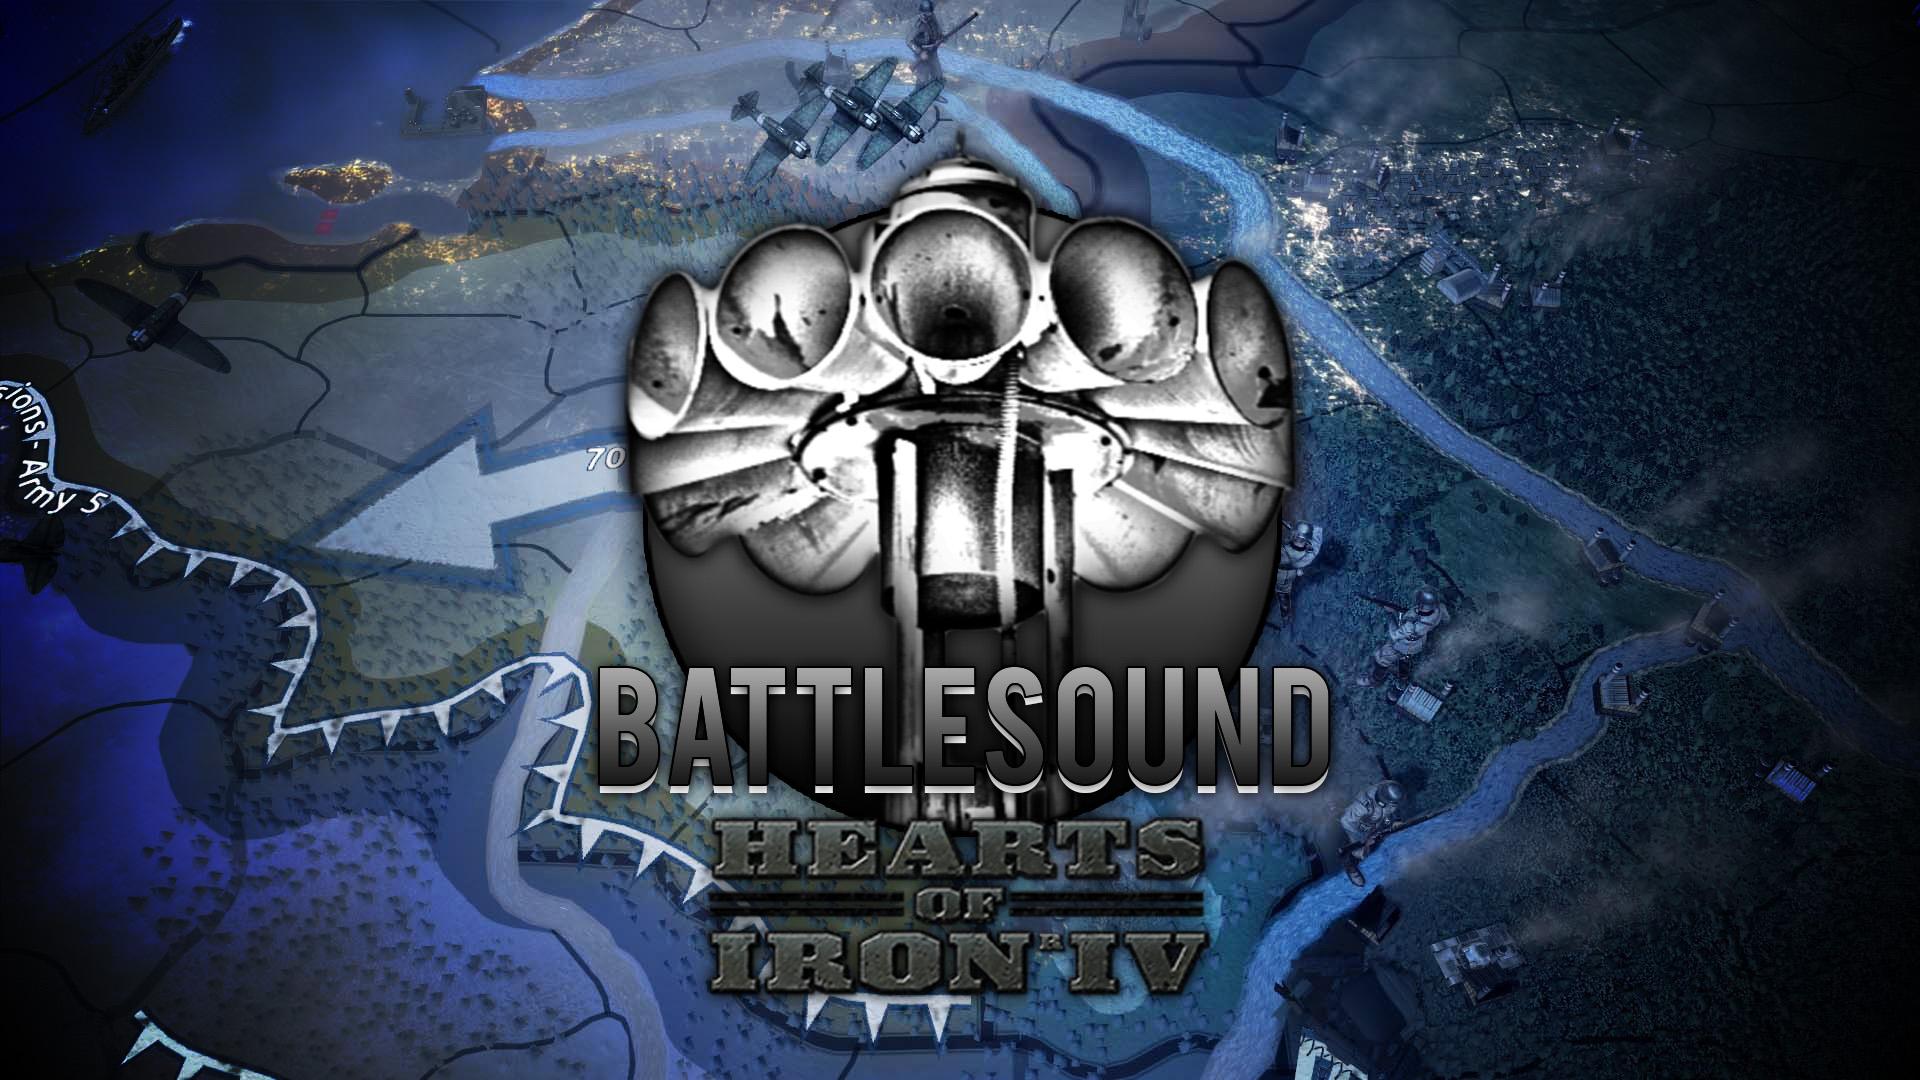 814292943_preview_Battlesound (1)